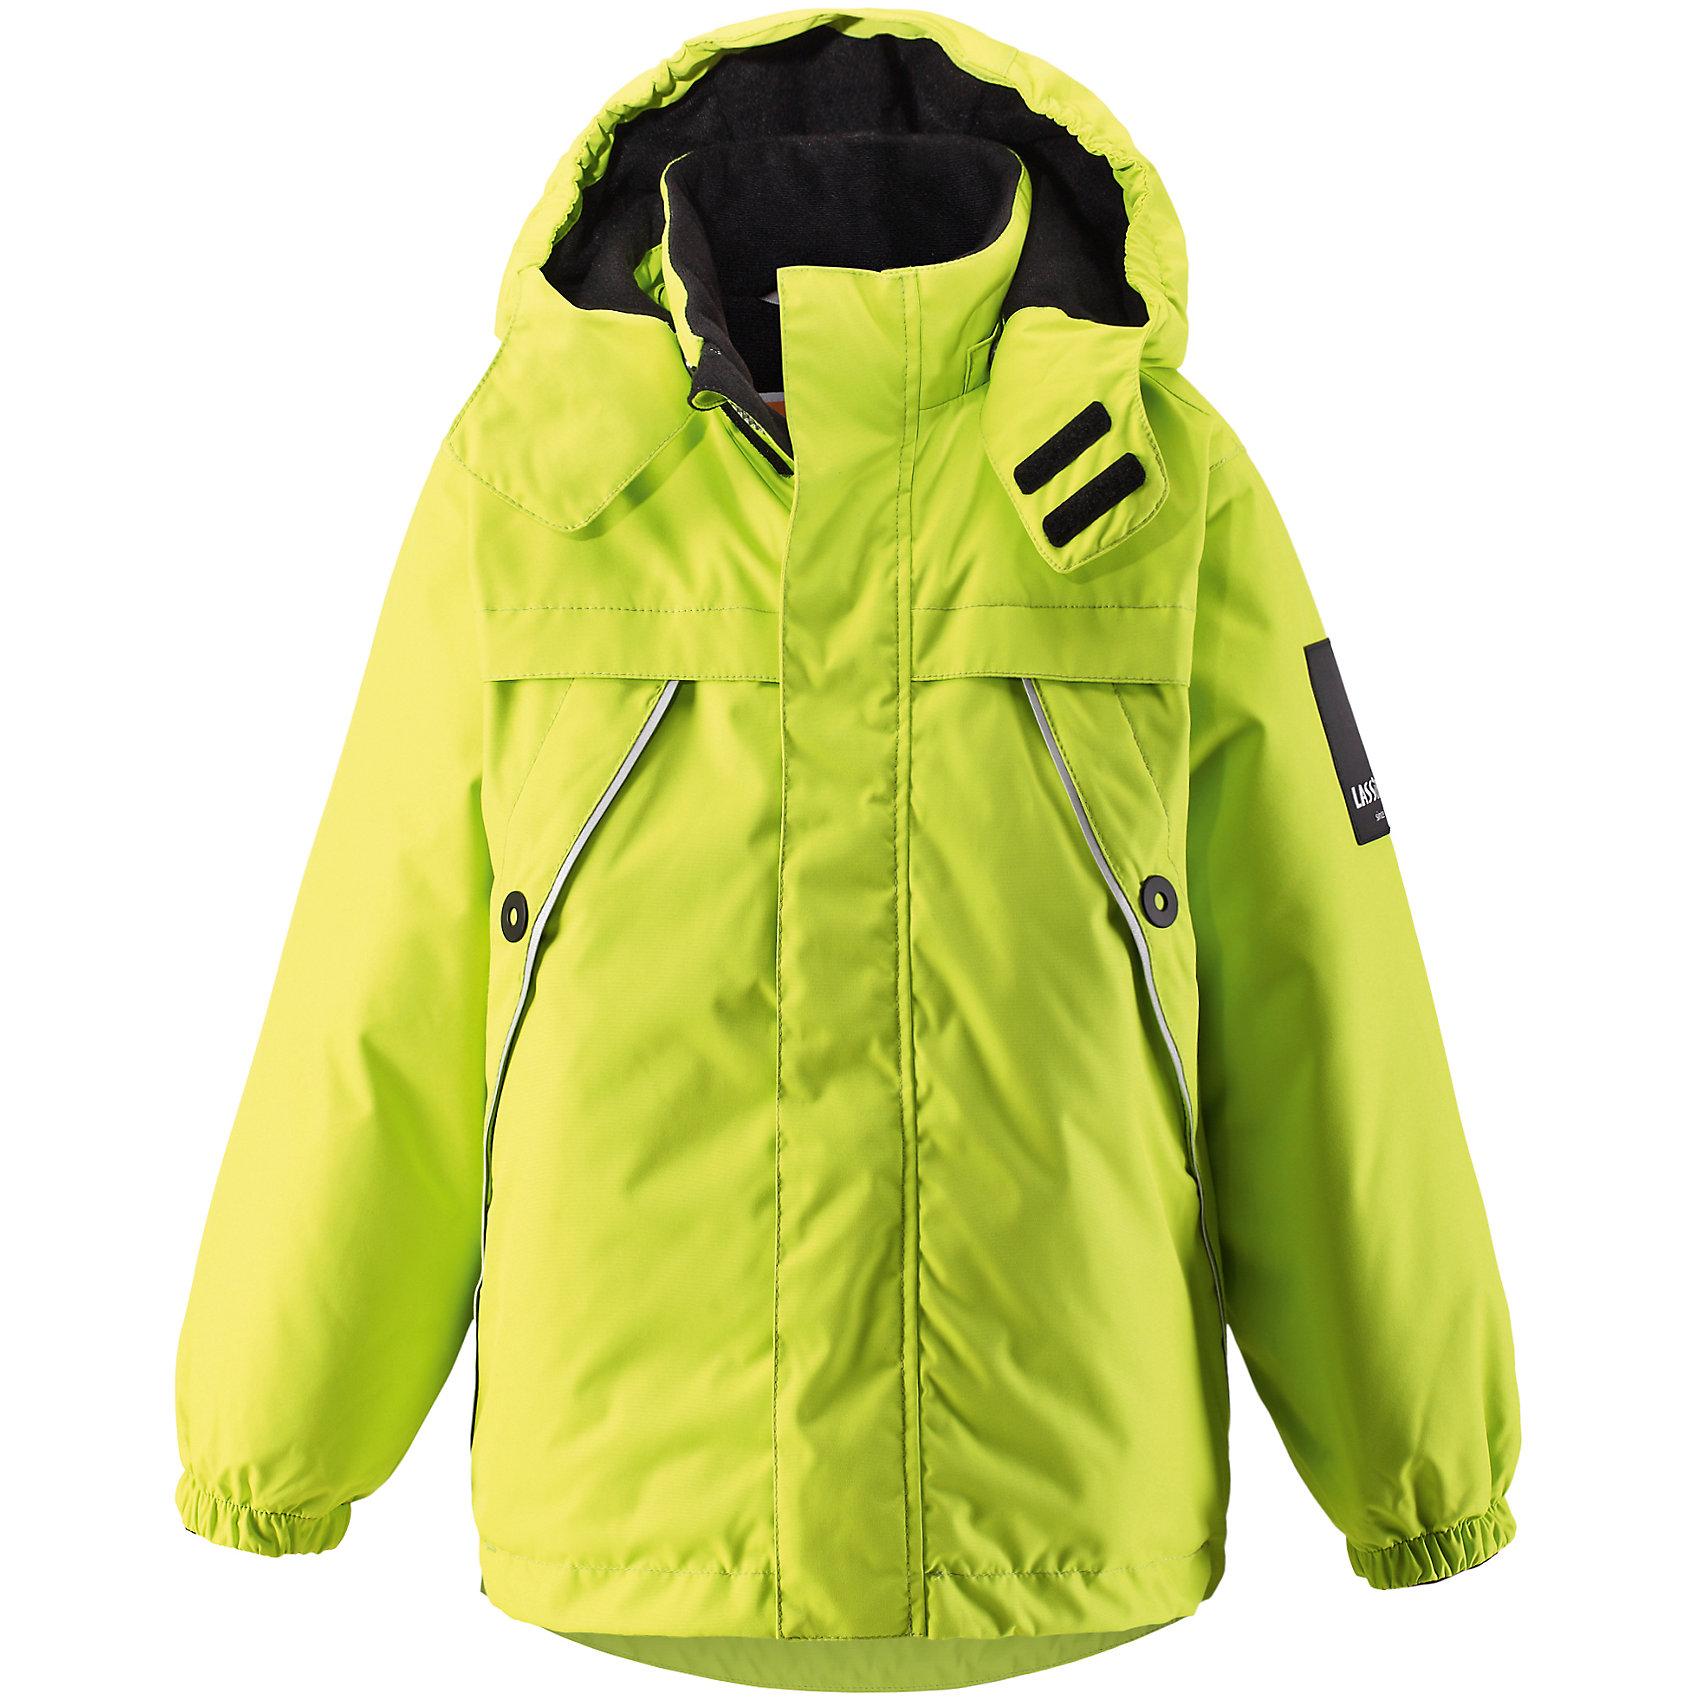 Куртка LASSIE by ReimaКуртка от финской марки LASSIE by Reima.<br>Зимняя куртка для детей Lassietec®.Водо- и ветронепроницаемый, «дышащий» и грязеотталкивающий материал.Внешние швы проклеены.Гладкая подкладка из полиэстра.Средняя степень утепления.Безопасный, съемный капюшон.Эластичные манжеты.Регулируемый подол.Передние карманы<br>Рекомендации по уходу:Стирать по отдельности, вывернув наизнанку. Застегнуть молнии и липучки. Соблюдать температуру в соответствии с руководством по уходу. Стирать моющим средством, не содержащим отбеливающие вещества. Полоскать без специального средства. Сушение в сушильном шкафу разрешено при низкой температуре.<br>Вес утеплителя:140<br>Состав:<br>100% ПЭ, ПУ-покрытие<br><br>Ширина мм: 356<br>Глубина мм: 10<br>Высота мм: 245<br>Вес г: 519<br>Цвет: желтый<br>Возраст от месяцев: 18<br>Возраст до месяцев: 24<br>Пол: Унисекс<br>Возраст: Детский<br>Размер: 92,140,134,128,122,116,110,104,98<br>SKU: 5032712